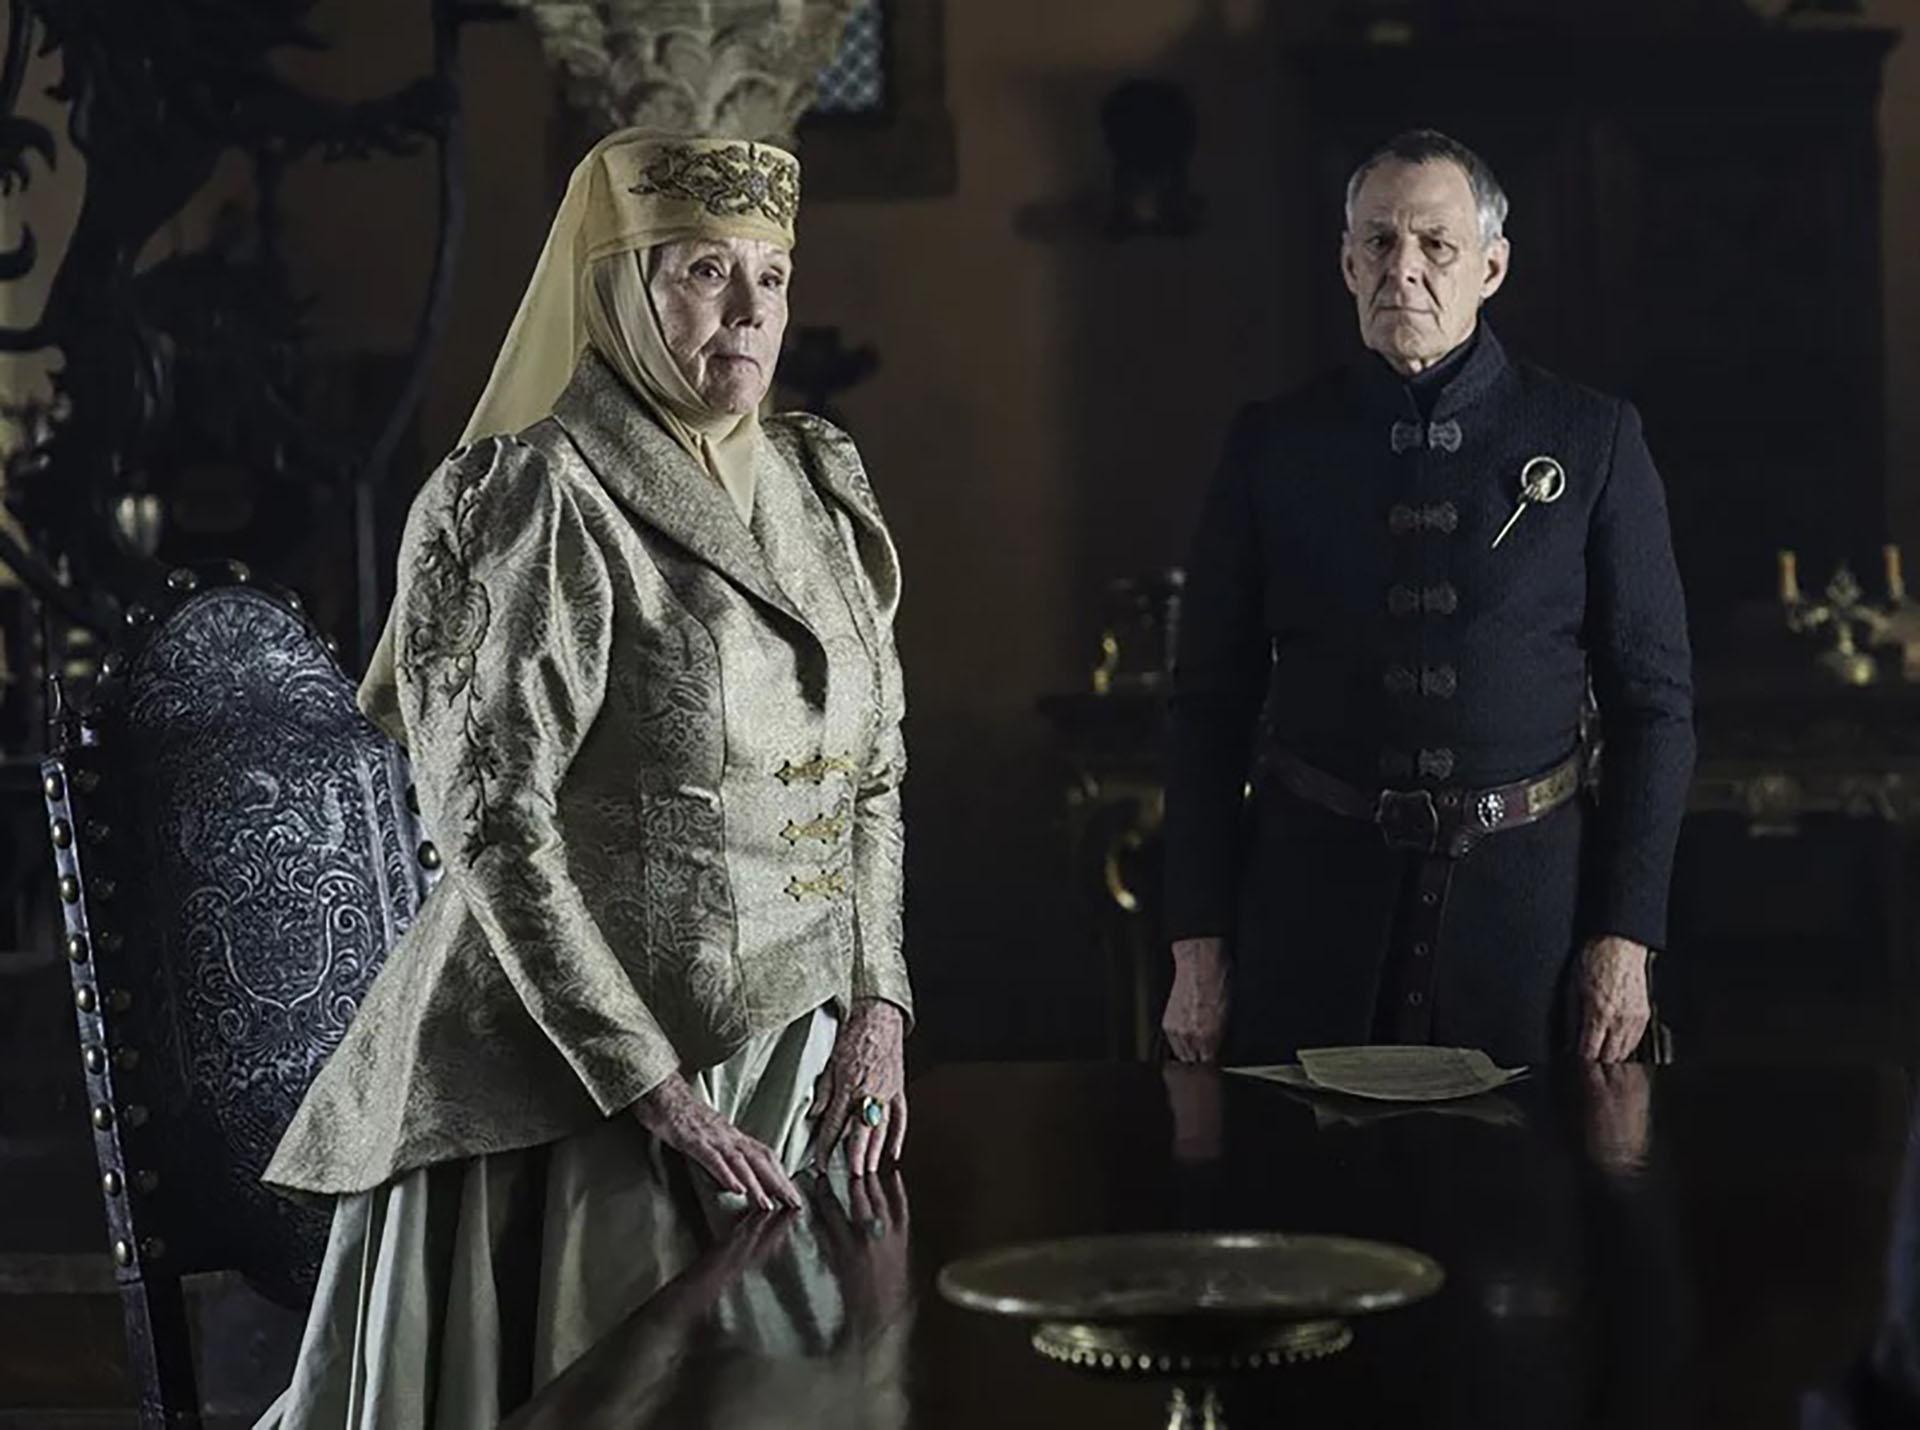 El sombrero con velo de Olenna. Los estilismos y la rigurosa elección de los tocados y sombreros para Lady Tyrell imponían respeto y majestuosidad. Los atuendos combinados de falda y chaqueta bordadas al estilo imperial